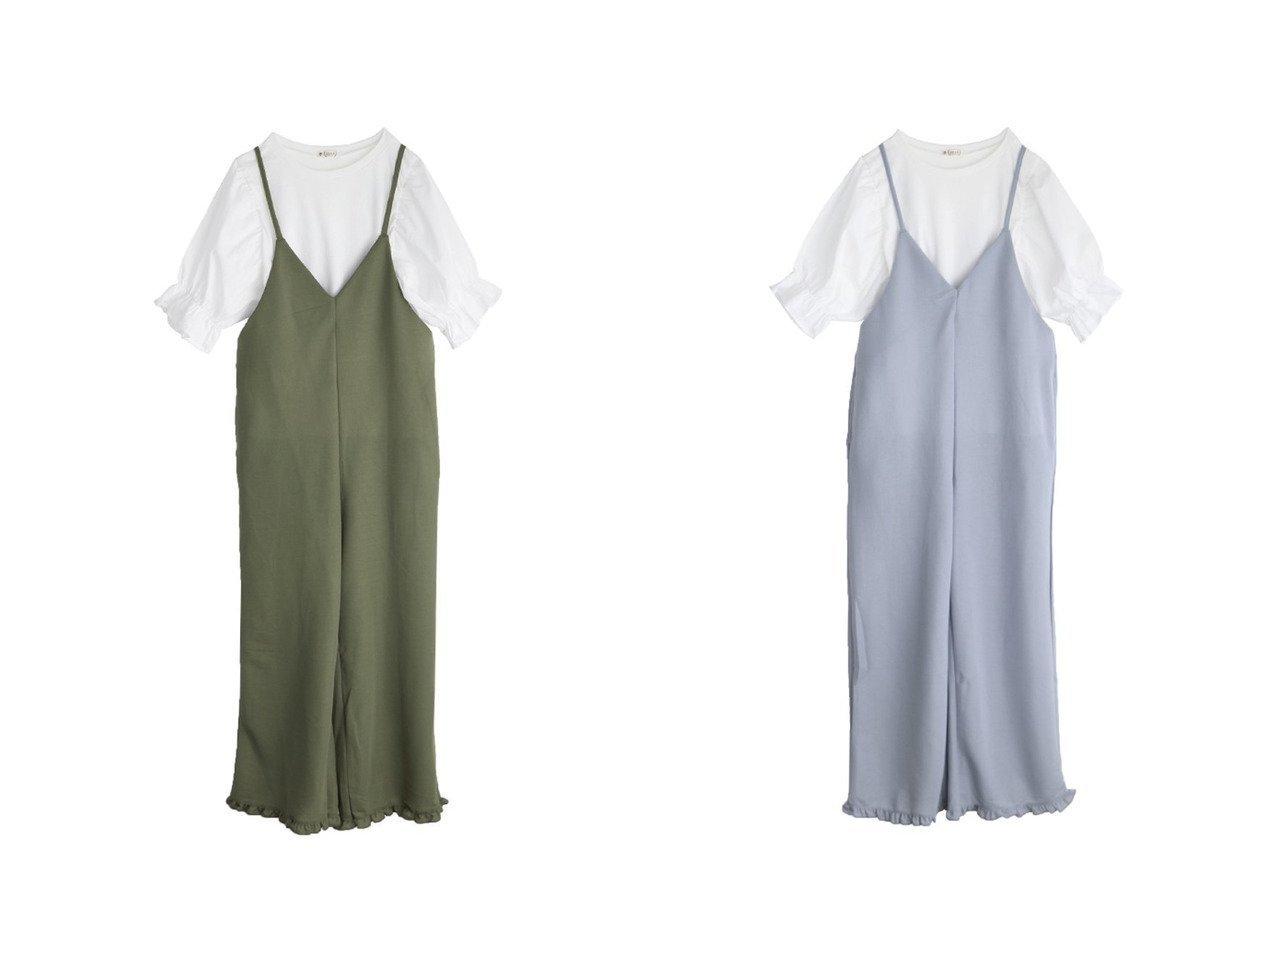 【axes femme/アクシーズファム】のTシャツsetコンビネゾン おすすめ!人気、トレンド・レディースファッションの通販 おすすめで人気の流行・トレンド、ファッションの通販商品 インテリア・家具・メンズファッション・キッズファッション・レディースファッション・服の通販 founy(ファニー) https://founy.com/ ファッション Fashion レディースファッション WOMEN コンビネゾン サロペット シンプル ジーンズ 夏 Summer  ID:crp329100000064052